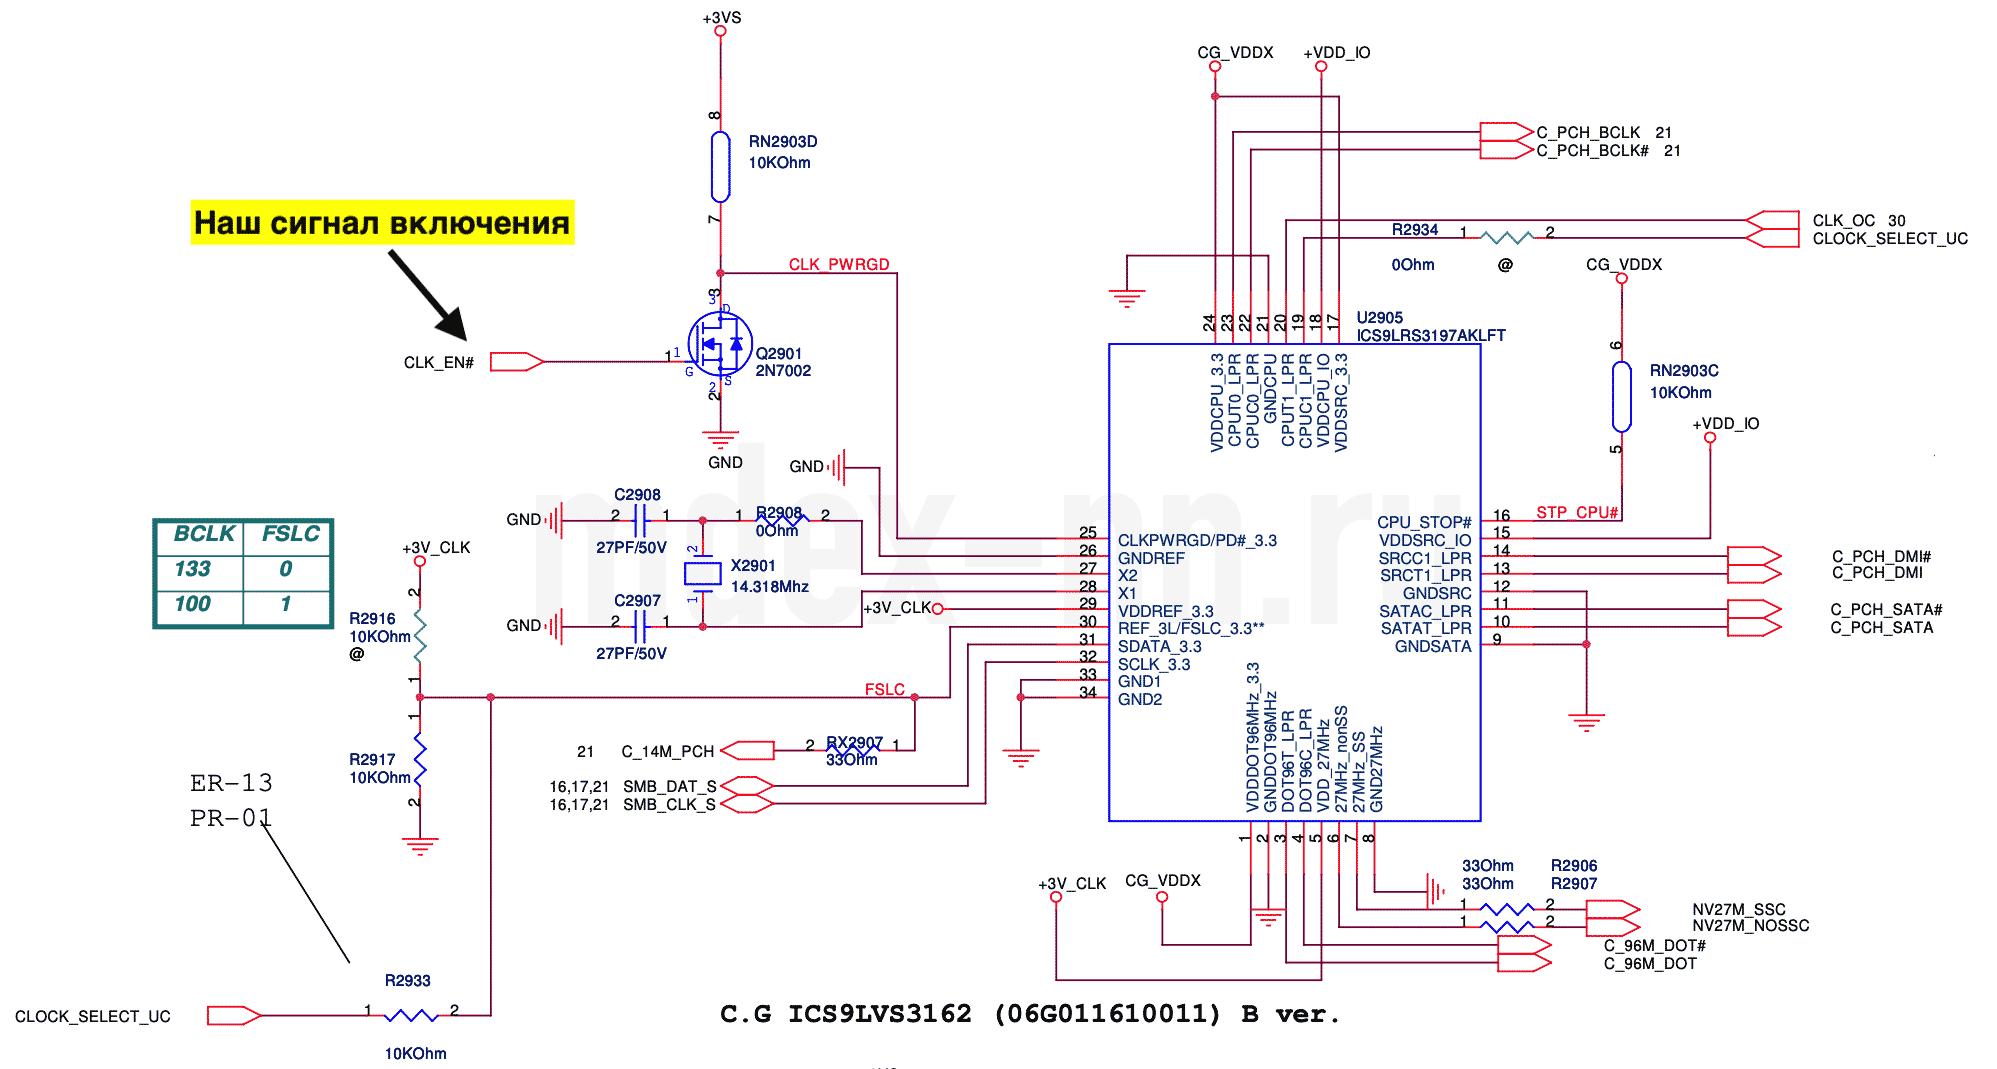 Разрешающий сигнал CLK_EN# на включение генератора тактовых частот